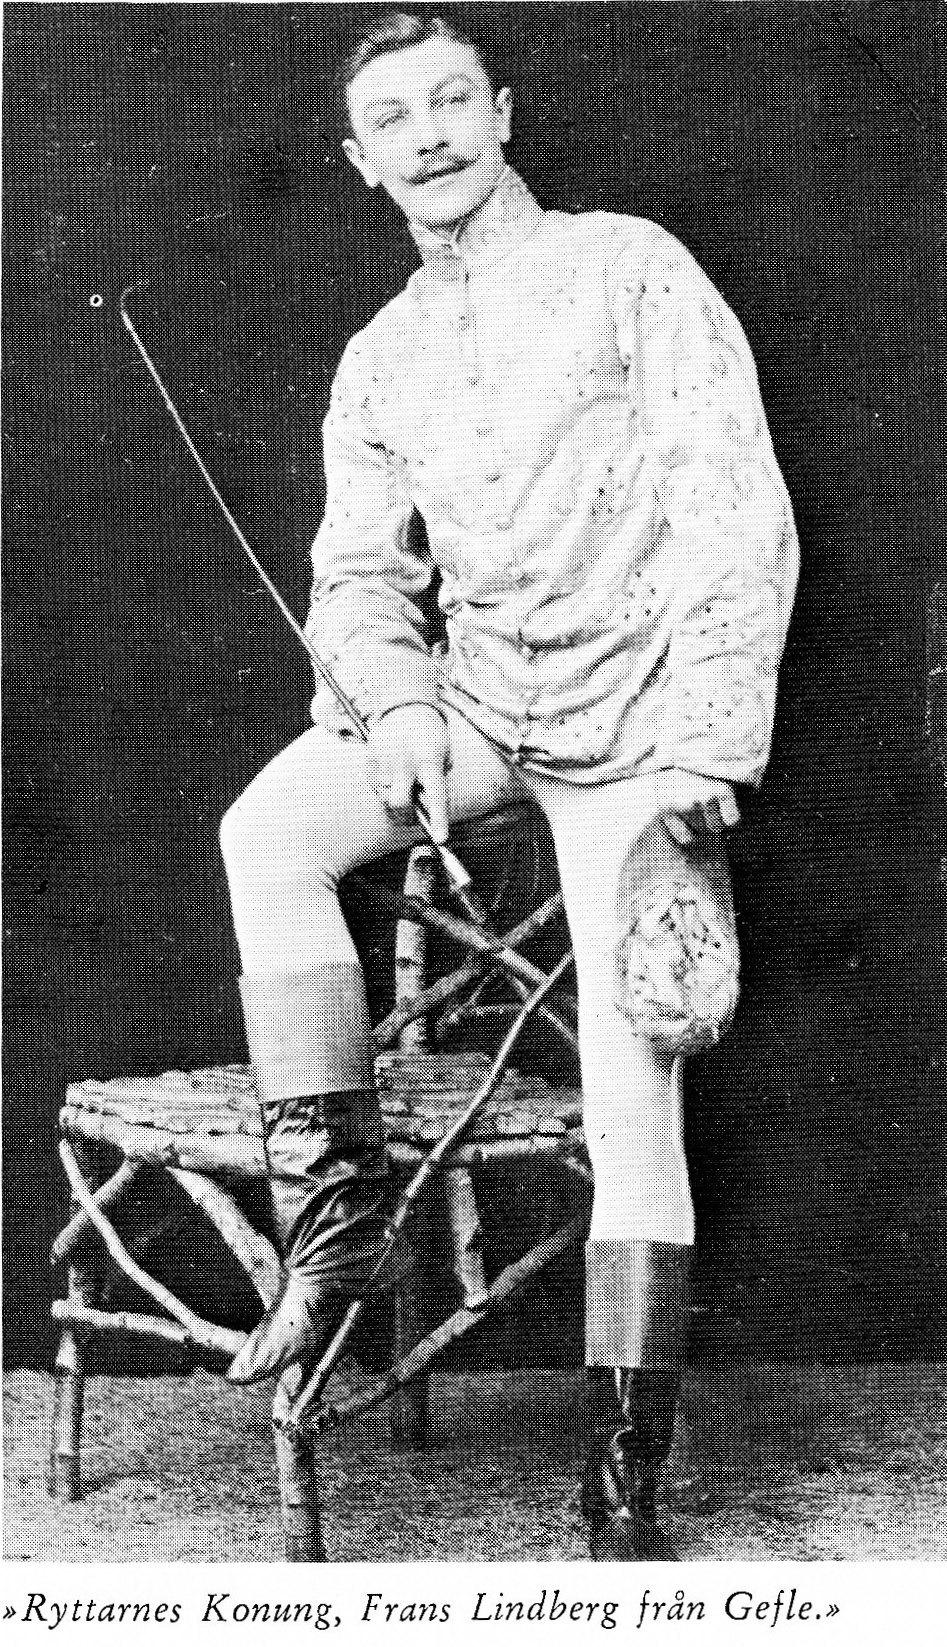 Ryttarnas konung Frans